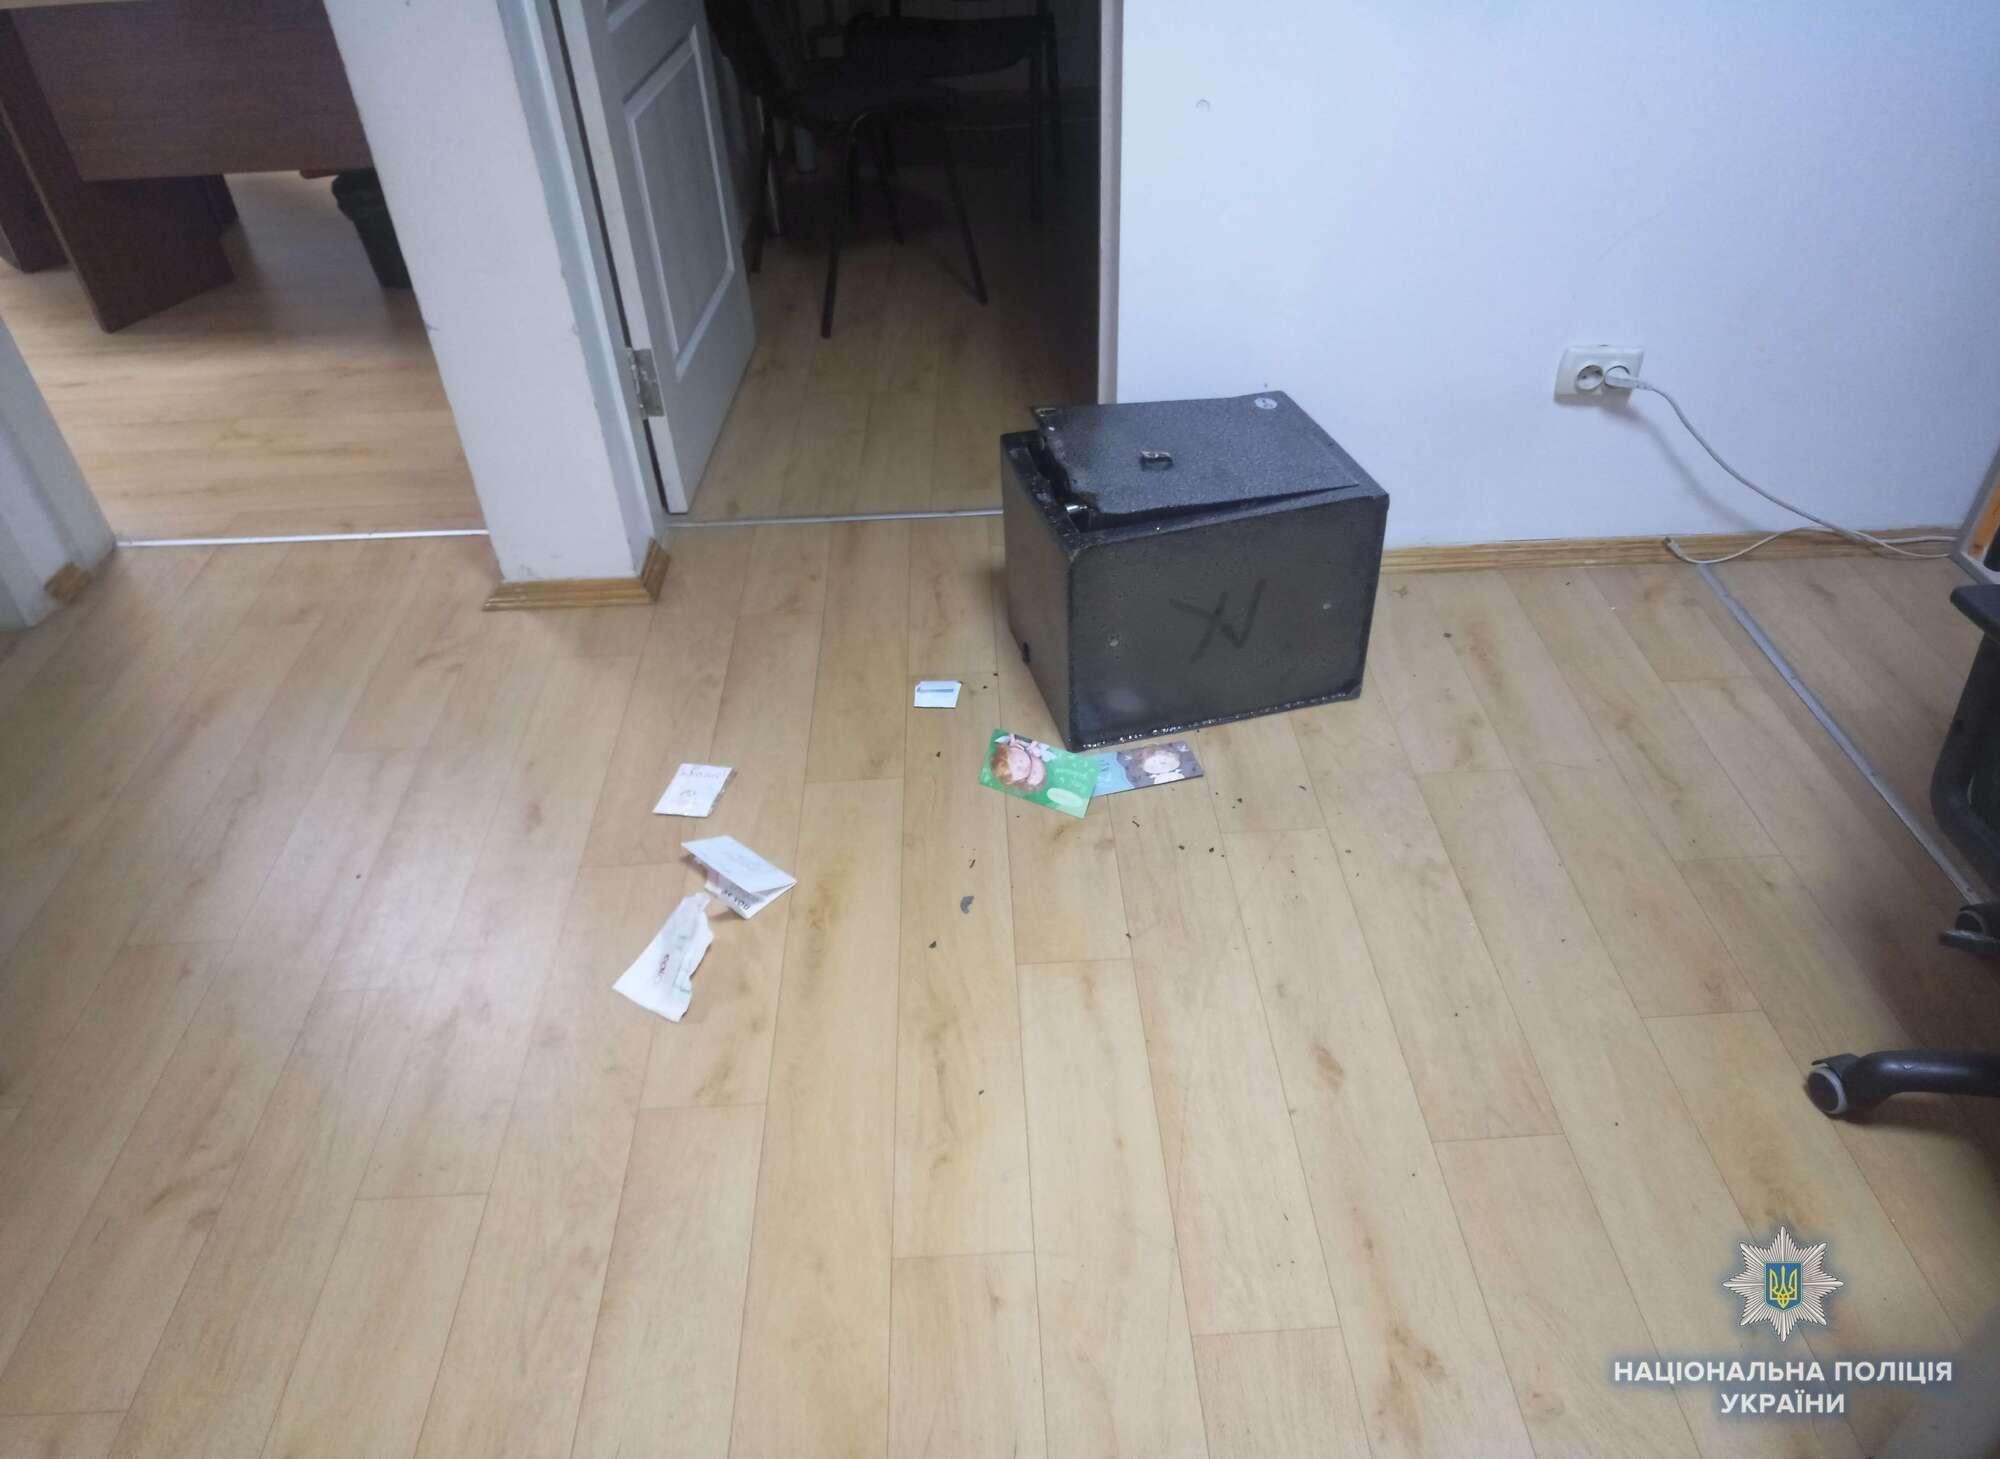 Зв'язали охоронця і зламали сейфи: в Києві пограбували офіс